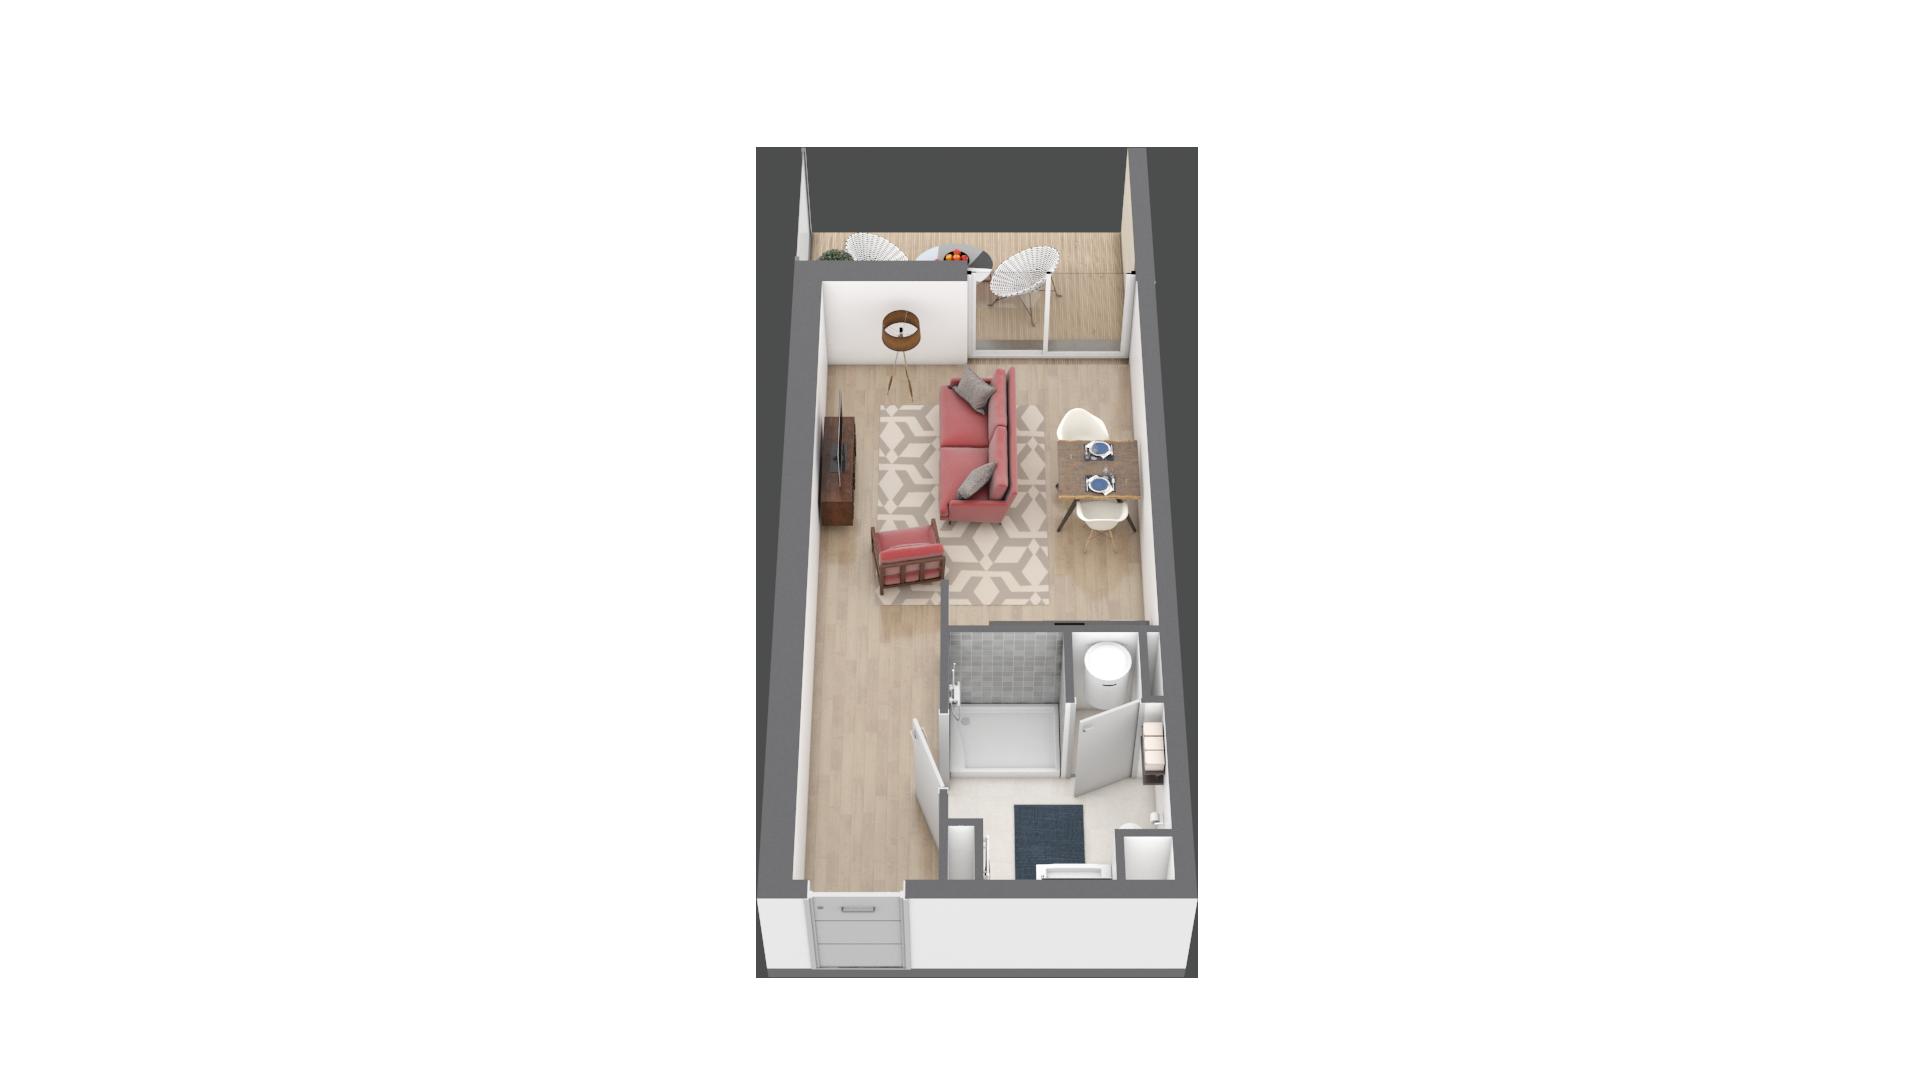 appartement A004 de type T1